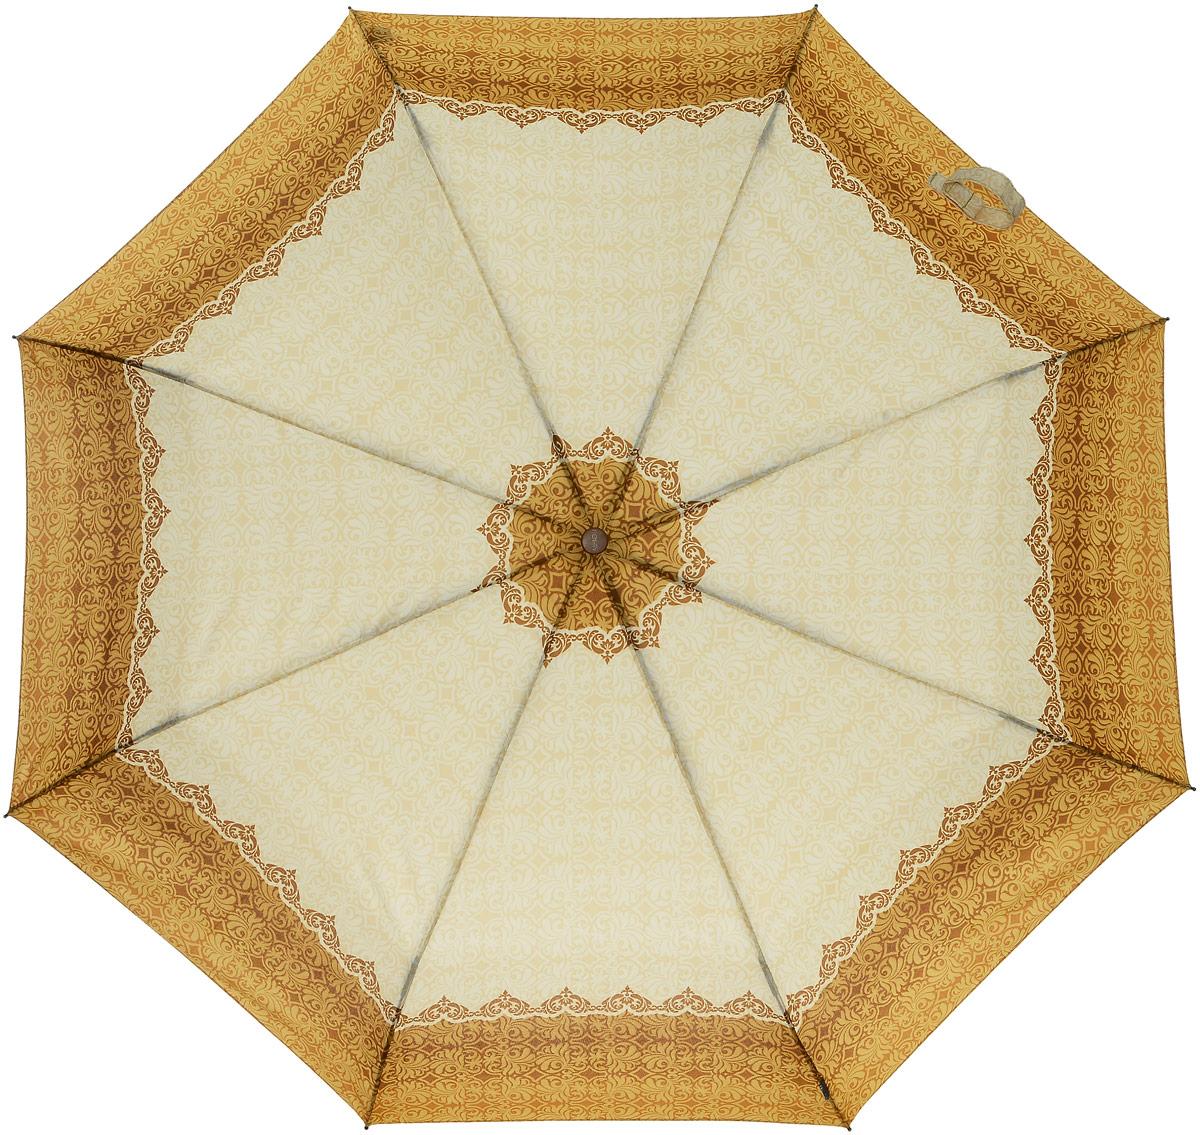 Зонт женский Airton, механический, 3 сложения, цвет: оранжевый, слоновая кость. 3535-1503535-150Классический женский зонт Airton в 3 сложения имеет механическую систему открытия и закрытия. Каркас зонта выполнен из восьми спиц на прочном стержне. Купол зонта изготовлен из прочного полиэстера. Практичная рукоятка закругленной формы разработана с учетом требований эргономики и выполнена из натурального дерева. Такой зонт оснащен системой антиветер, которая позволяет спицам при порывах ветрах выгибаться наизнанку, и при этом не ломаться. К зонту прилагается чехол.